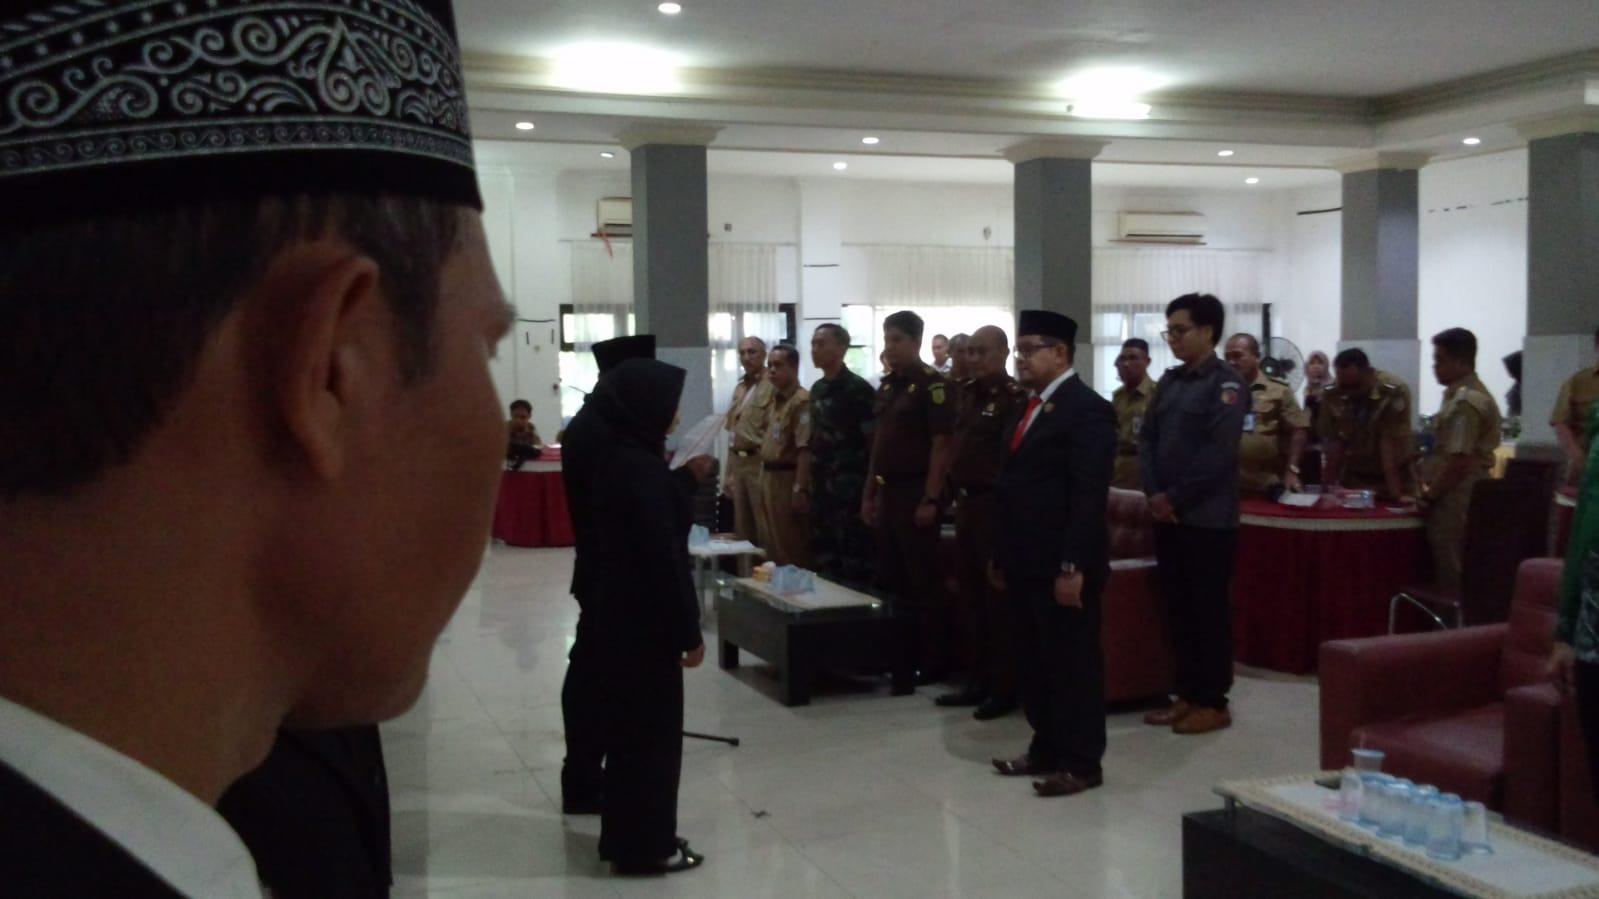 Usai Pelantikan Panwascam, Ketua DPRD Banjar Minta Waspadai Penggelembungan Suara 4